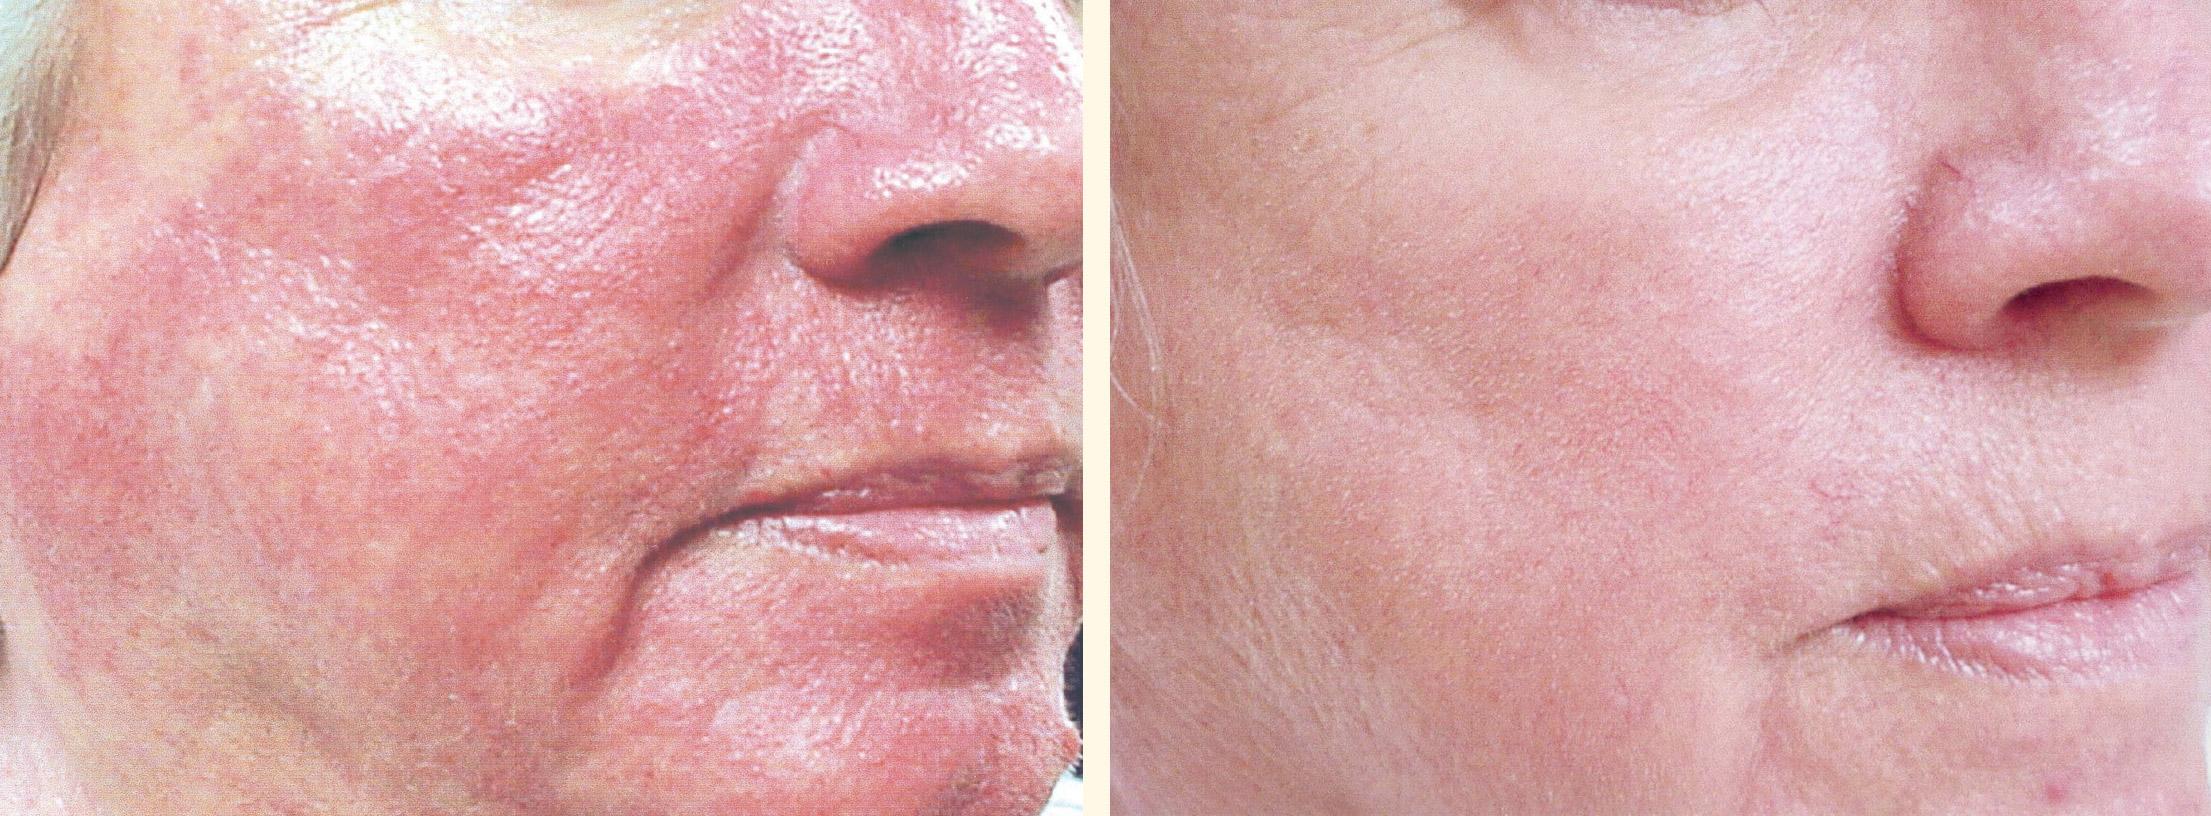 La tromboflebitis crónica de las venas profundas de las extremidades inferiores el tratamiento